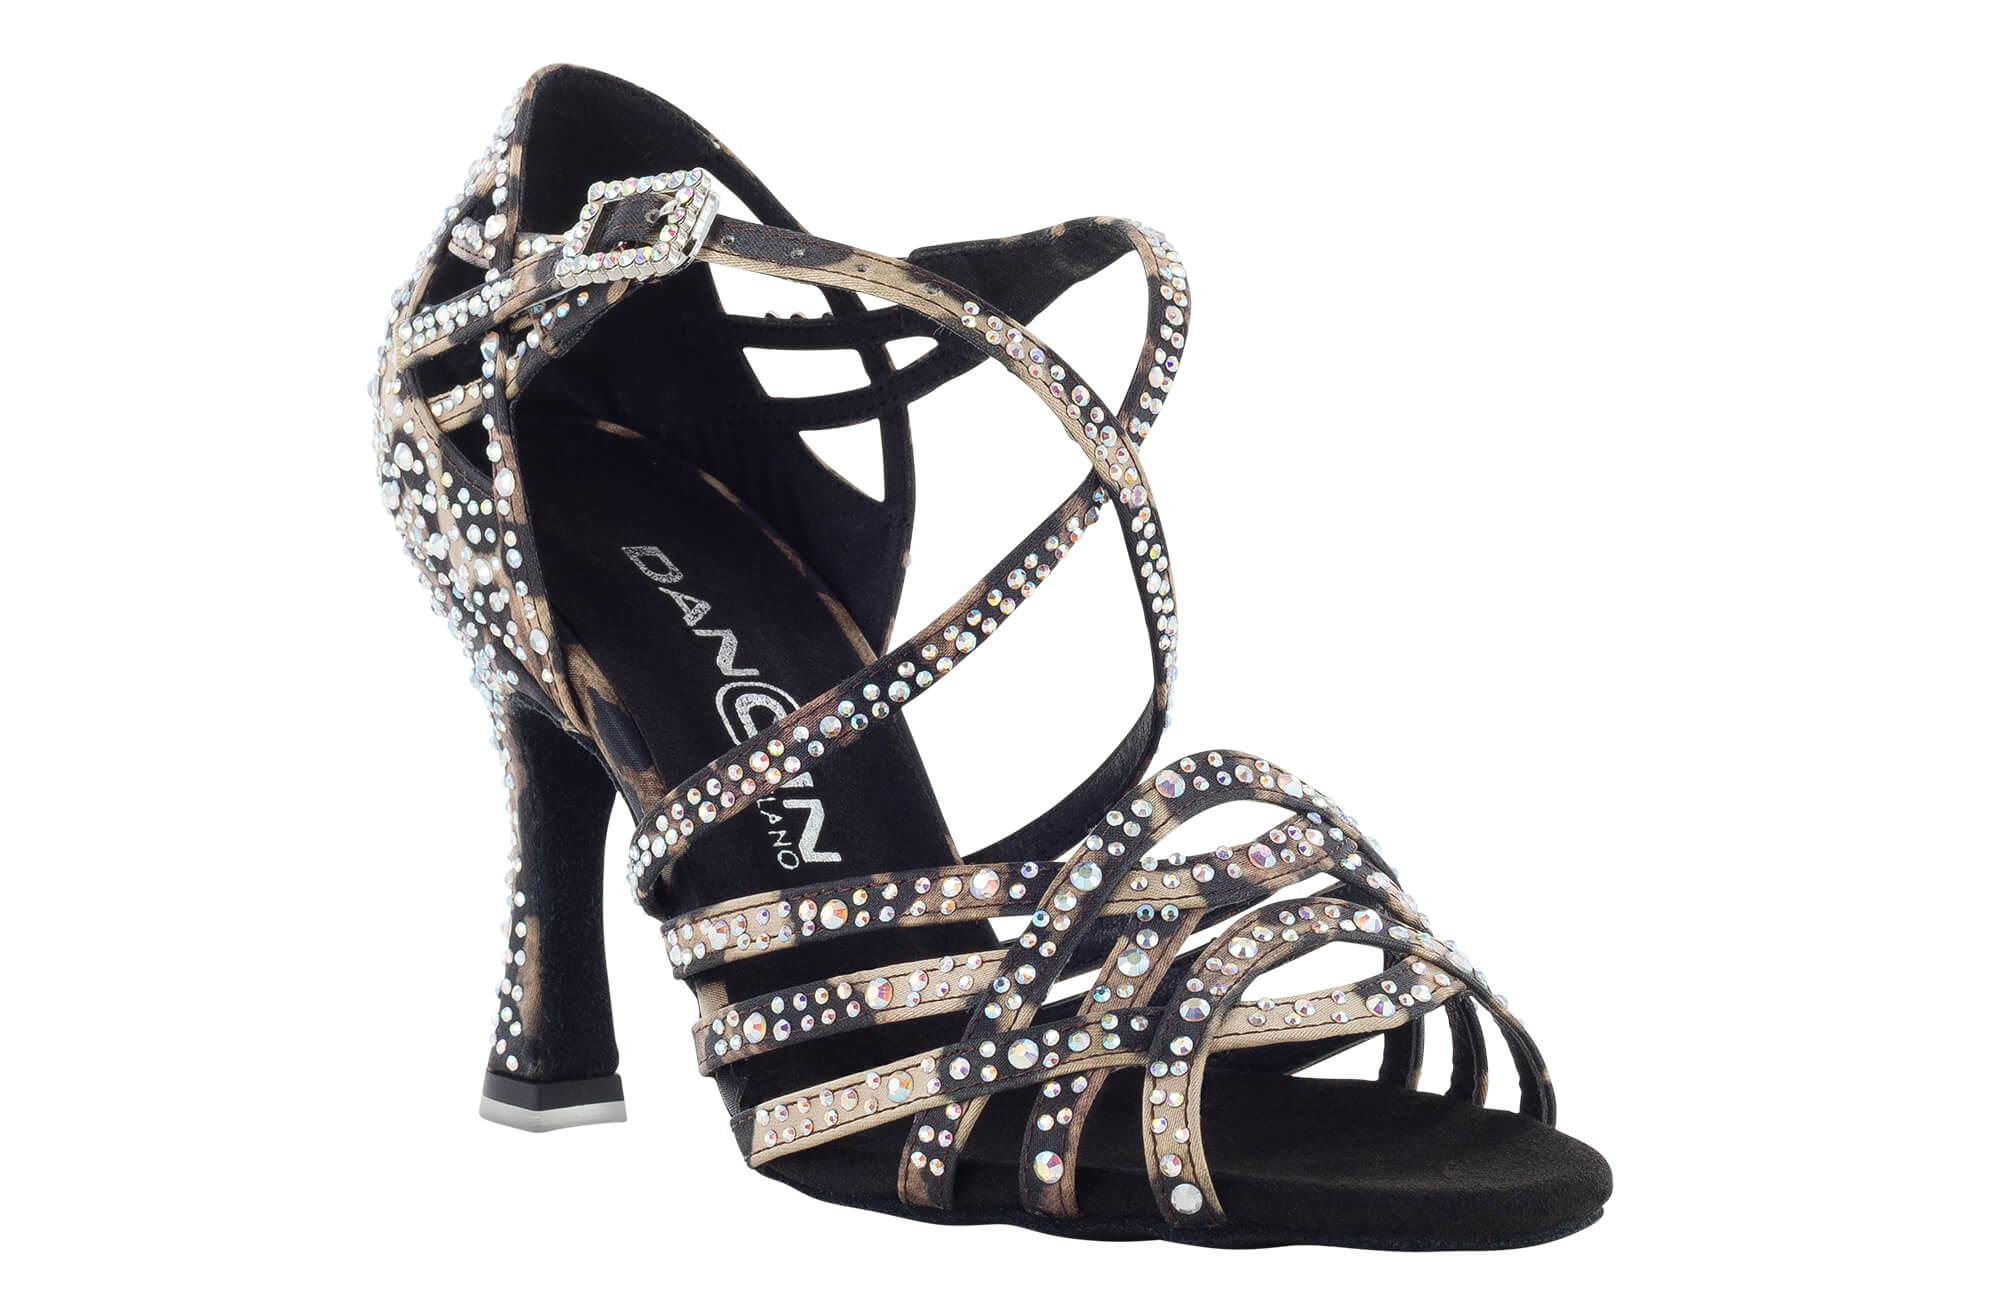 """c7084297 Zapato de baile Danc'in de Edición Limitada """"SILVIA ACCOSSATO"""" en Raso de  piel de Leopardo con Tacón de 7'5cm"""